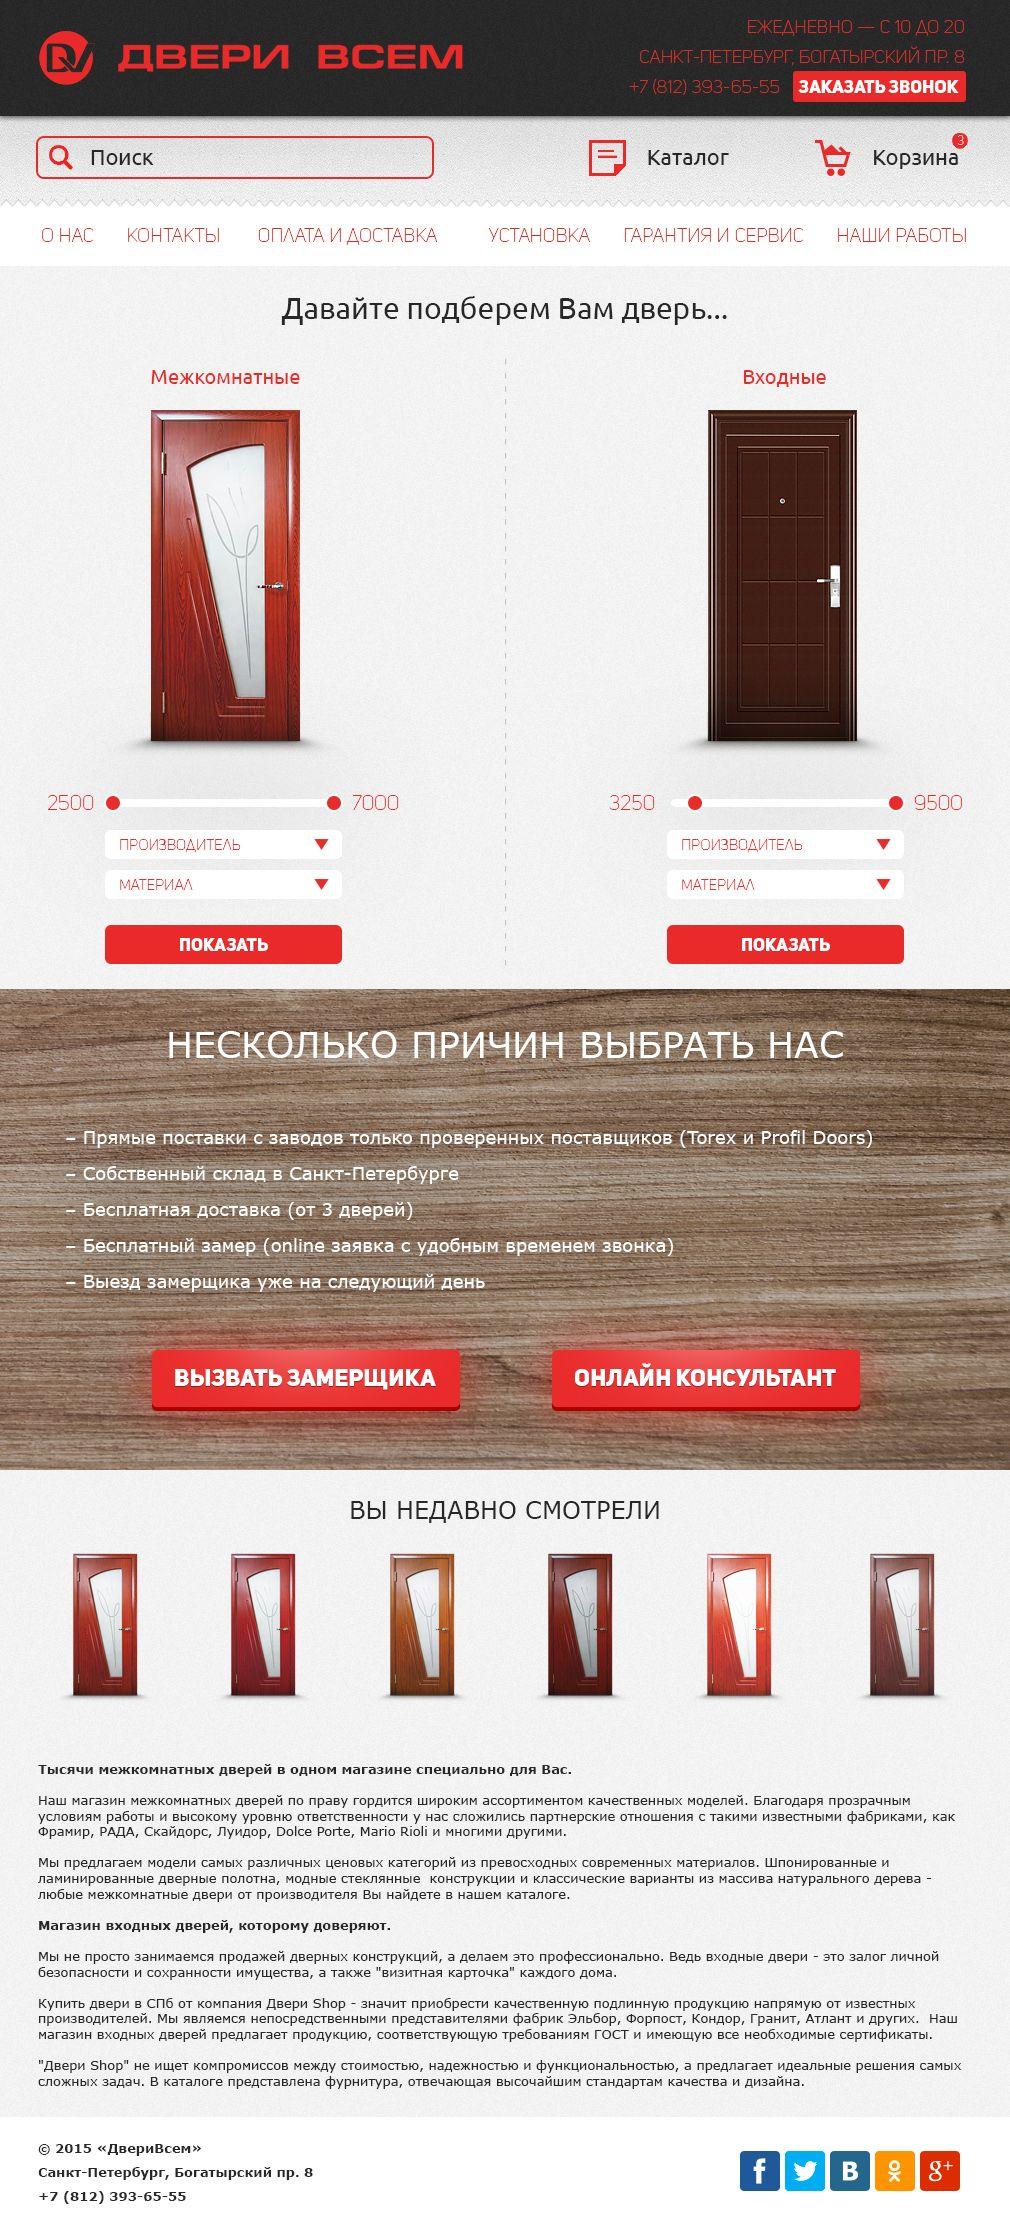 ДвериВсем. Дизайн сайта, главной и внутренних - дизайнер Orides